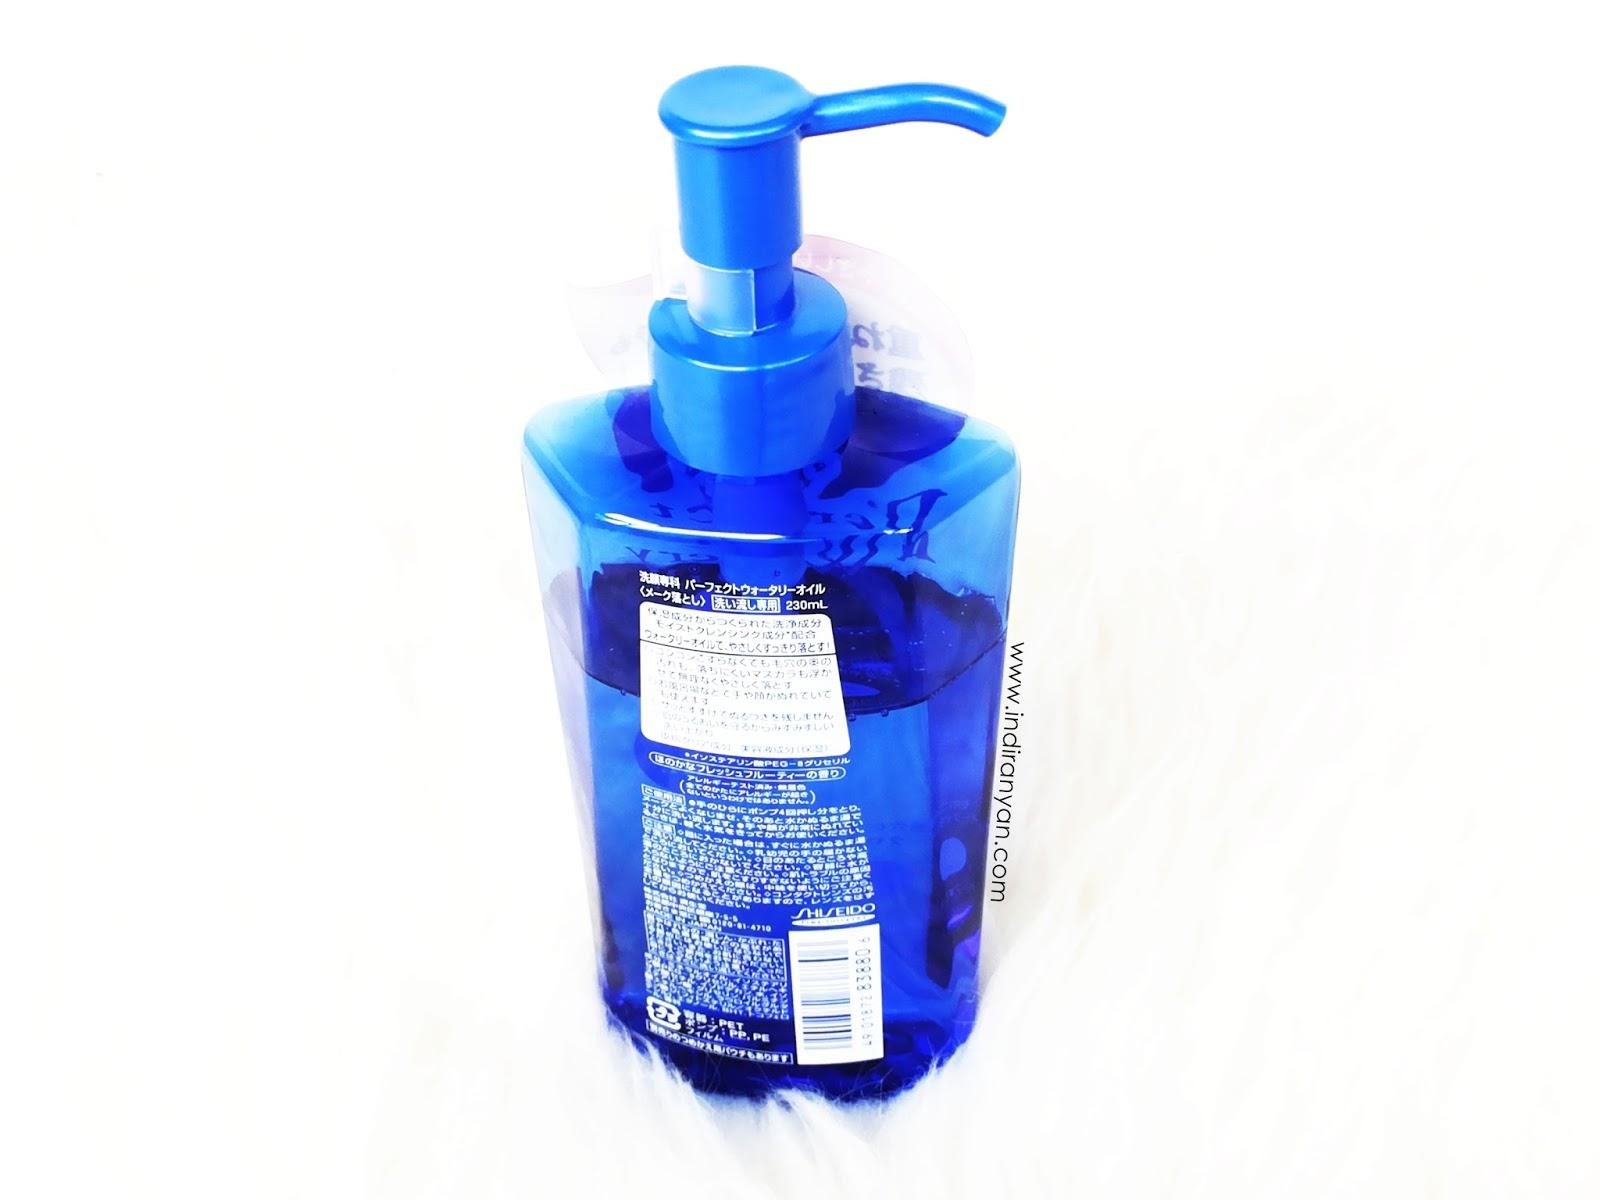 japanese-cleansing-oil, cleansing-oil-shiseido, shiseido-senka, senka-perfect-watery-oil